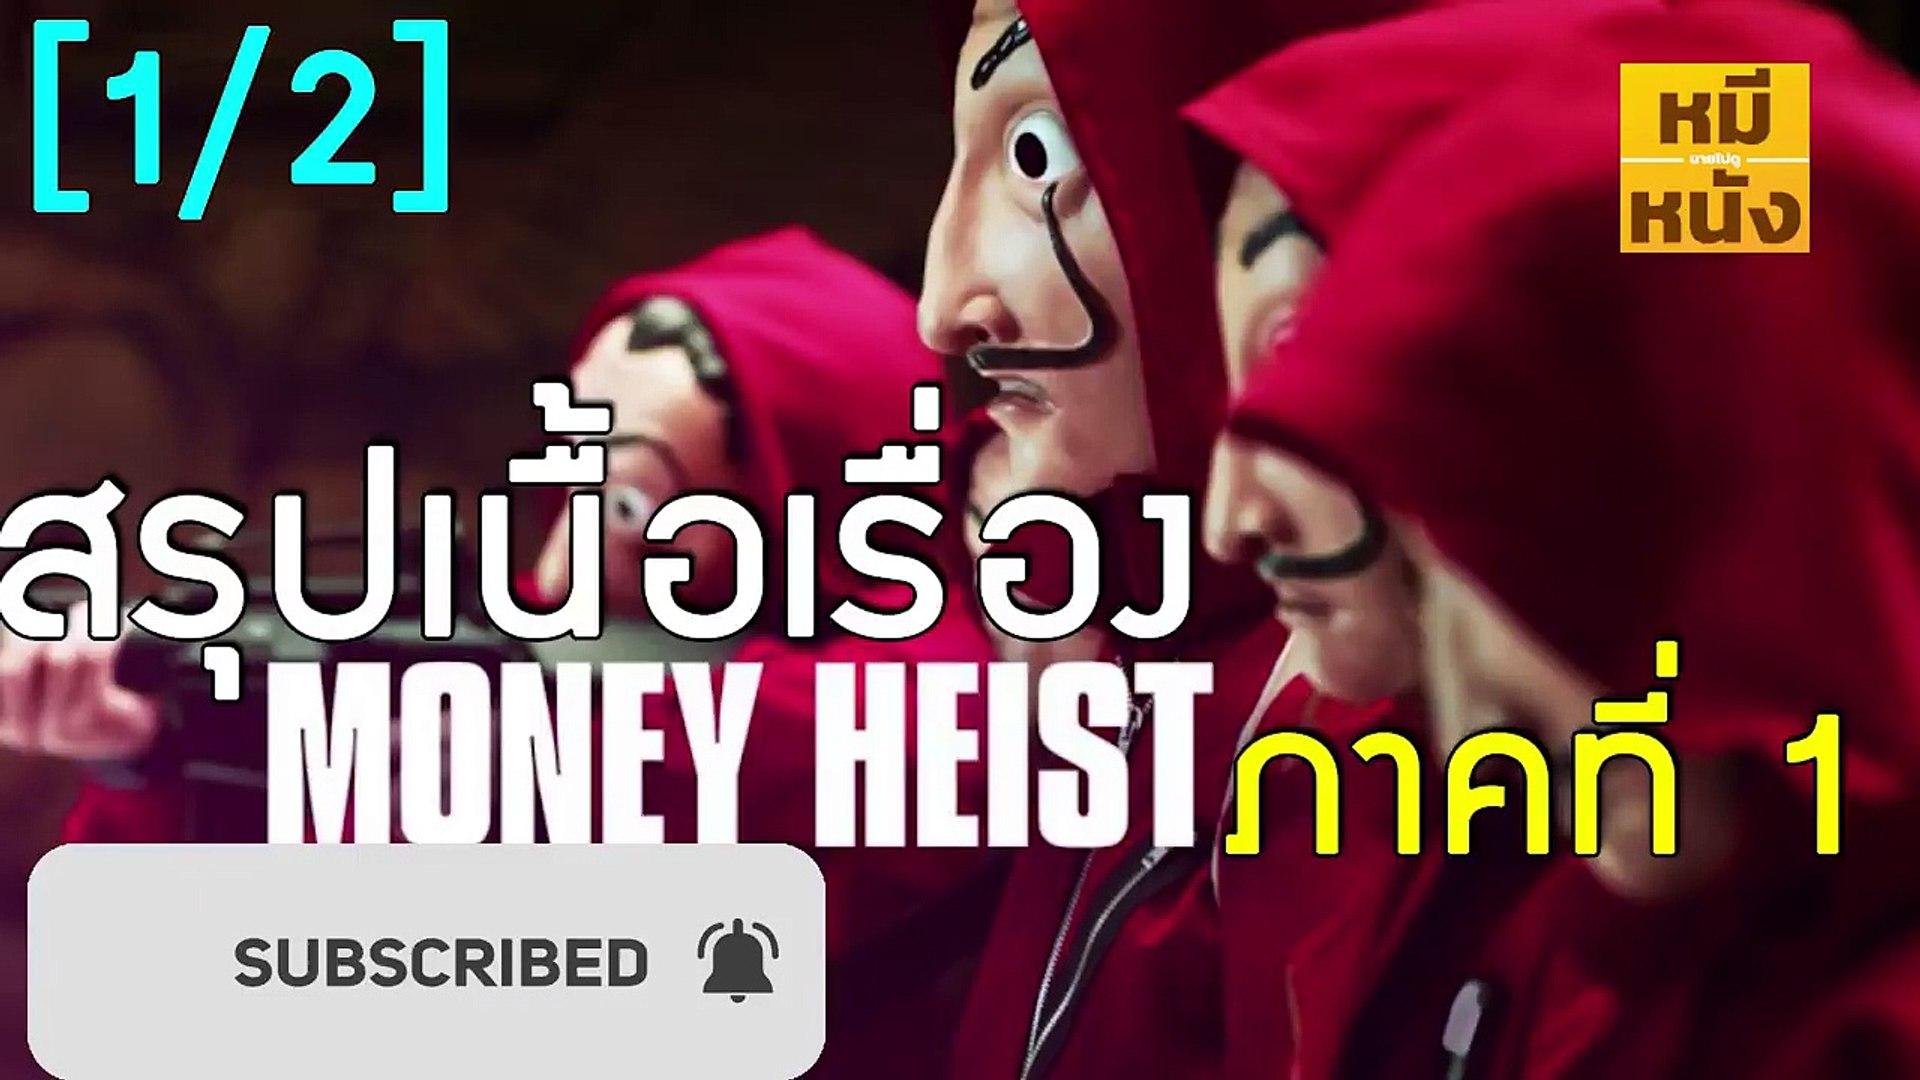 สรุปเนื้อเรื่อง - Money Heist - ทรชนคนปล้นโลก  ซีซั่น 1- by Mheemovie [Part.1]